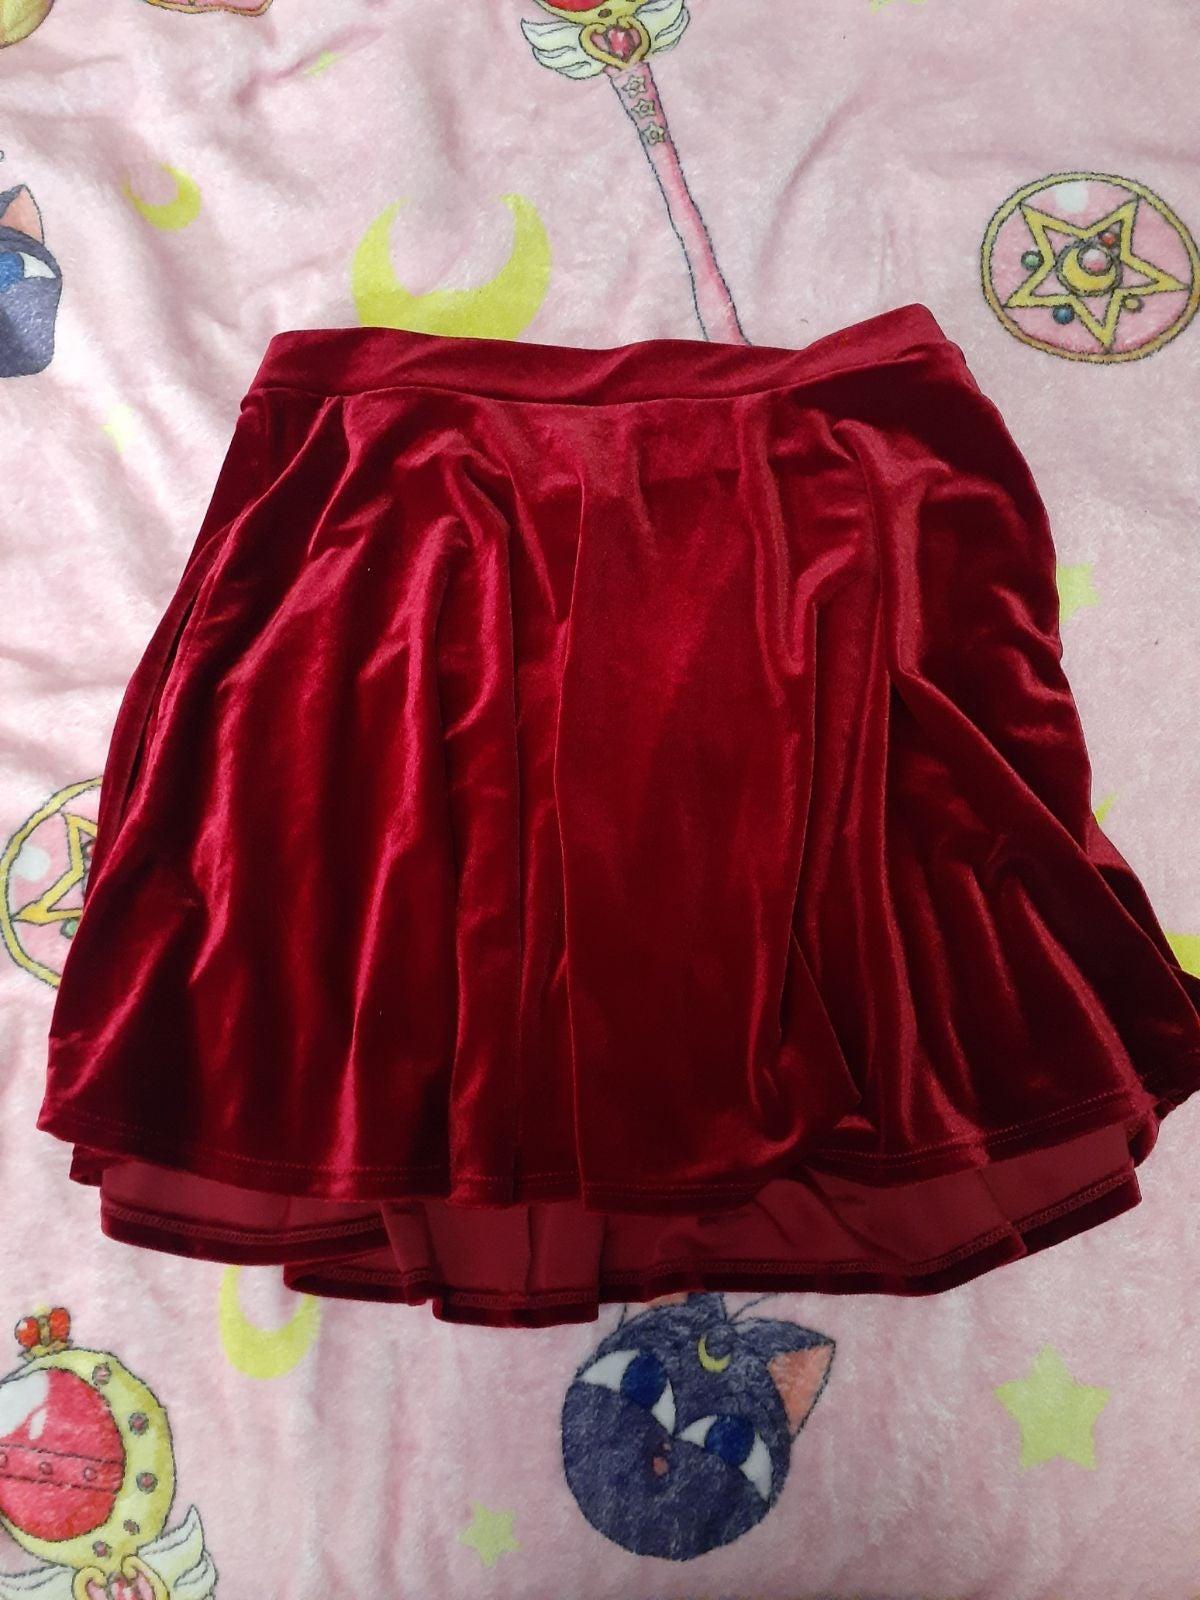 Hottopic velvet skater skirt size M